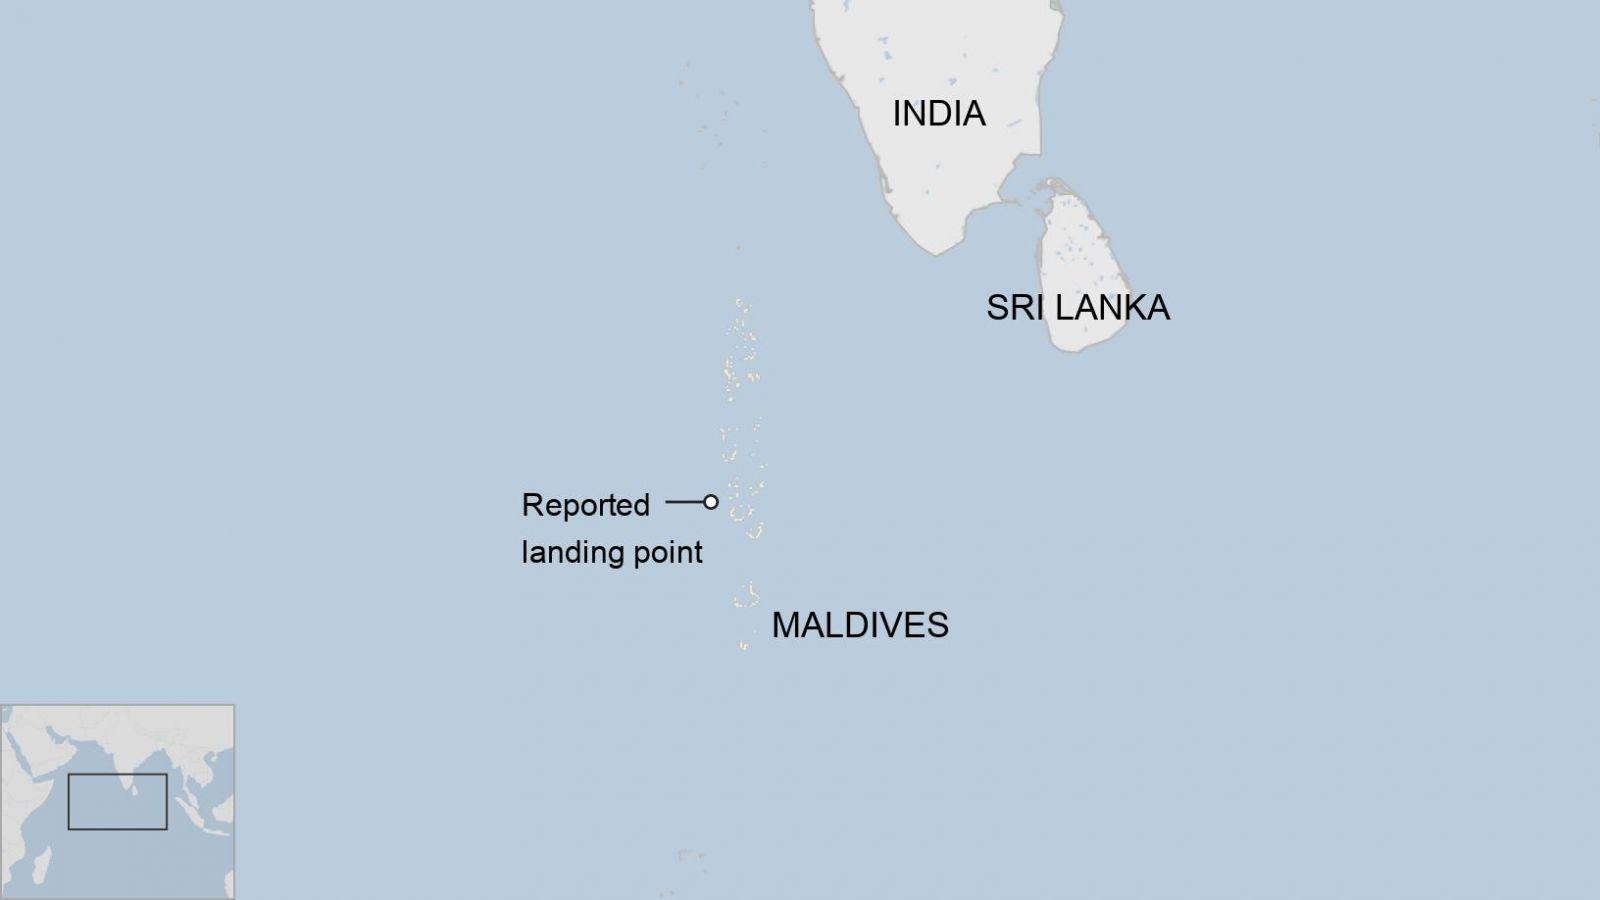 الخريطة توضح الصورة نقطة الهبوط التقريبية للصاروخ